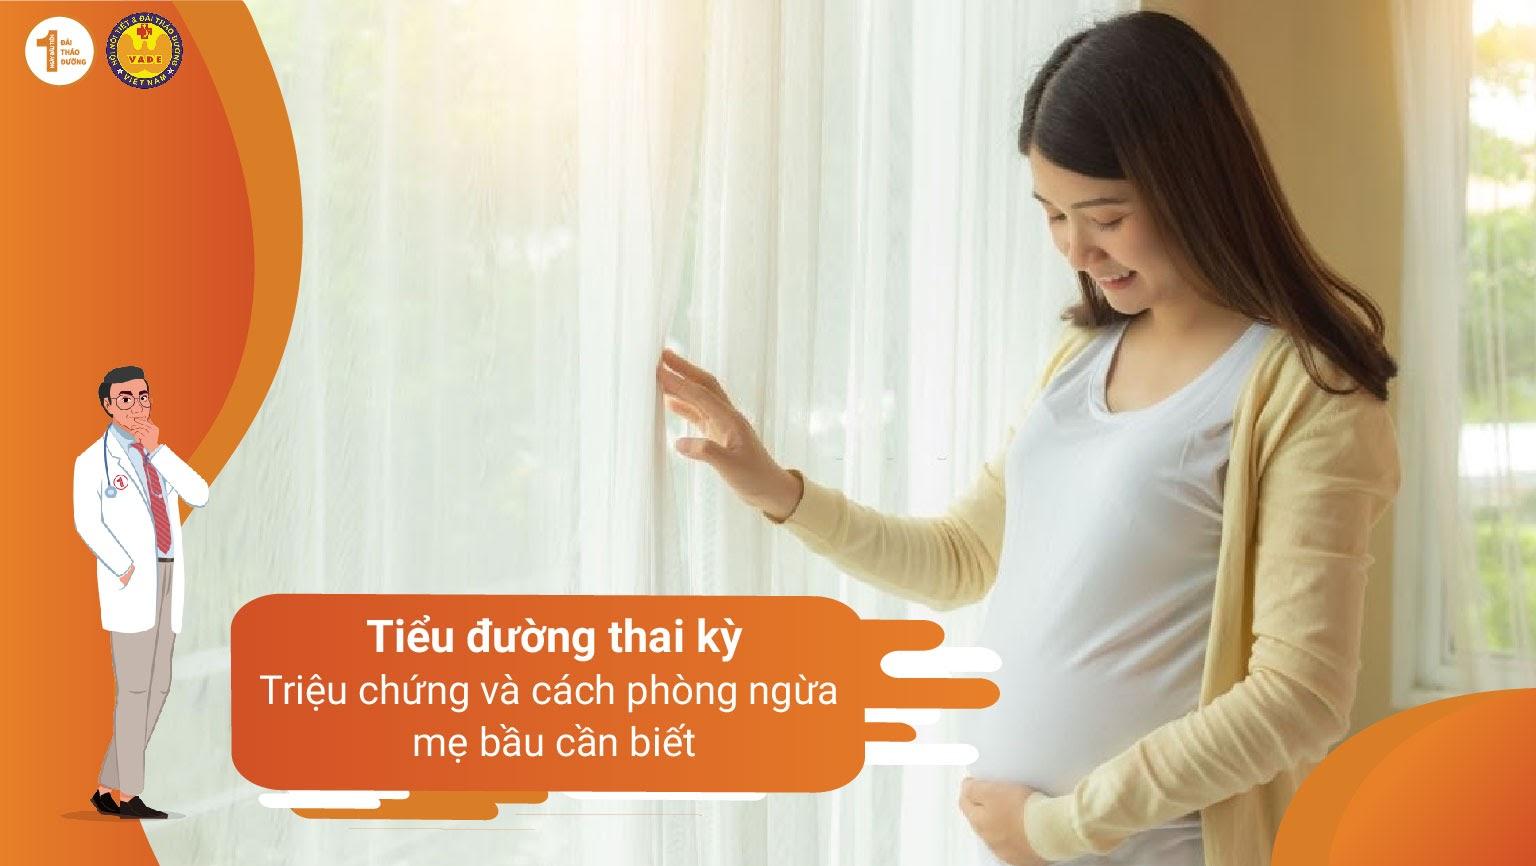 Tiểu đường thai kỳ: Triệu chứng và cách phòng ngừa các mẹ bầu cần biết